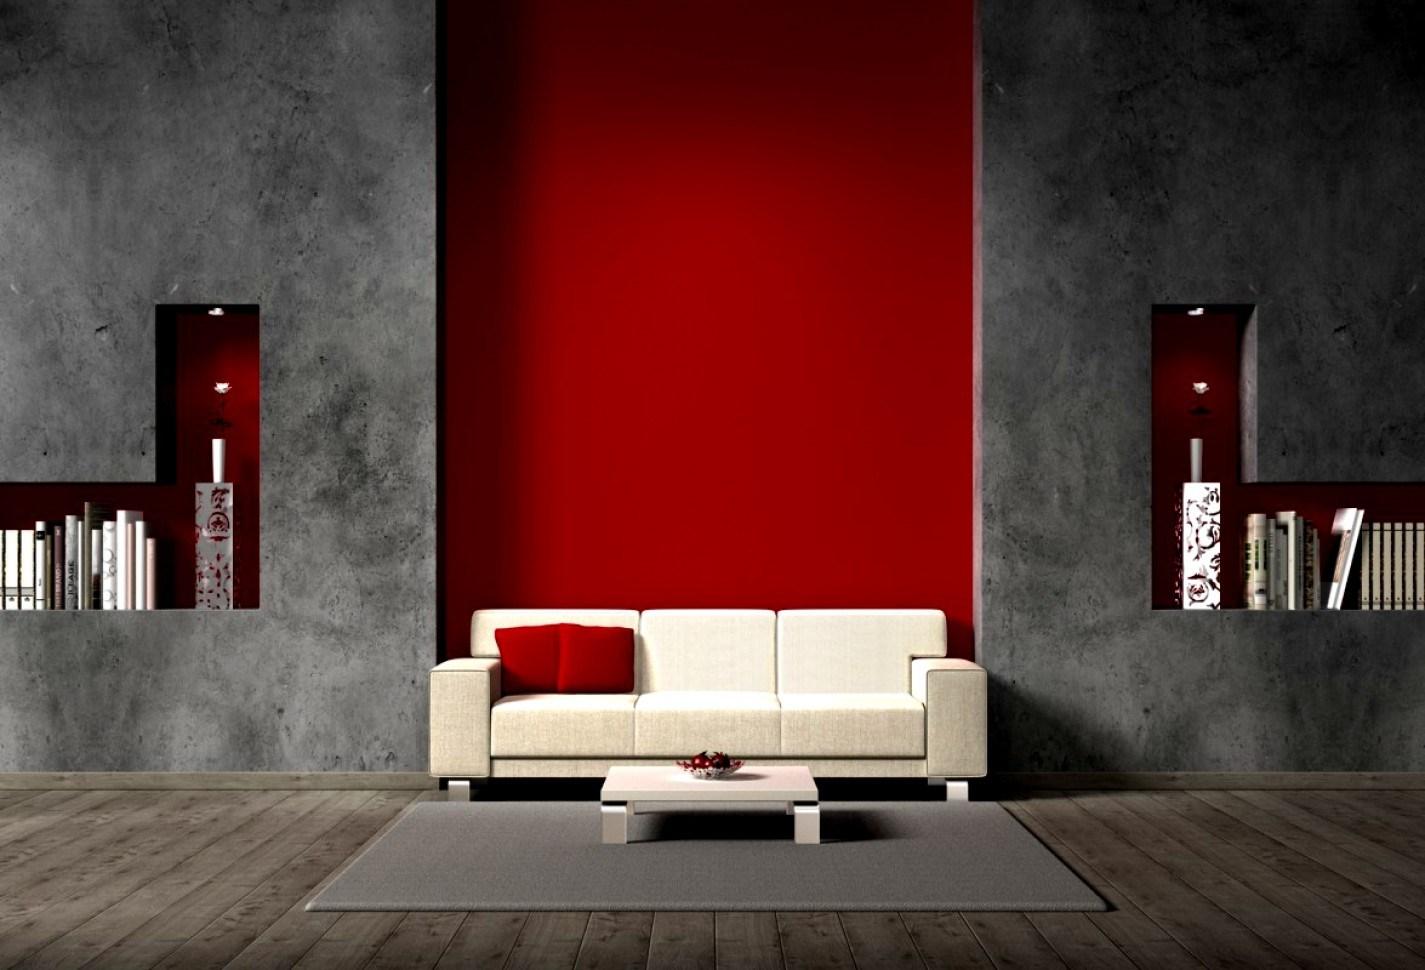 wandfarben ideen streifen mit wand muster streifen streichen effekte amazing wandfarbe 39 und wand muster streifen streichen effekte amazing wandfarbe beim mit wandfarben ideen streifen